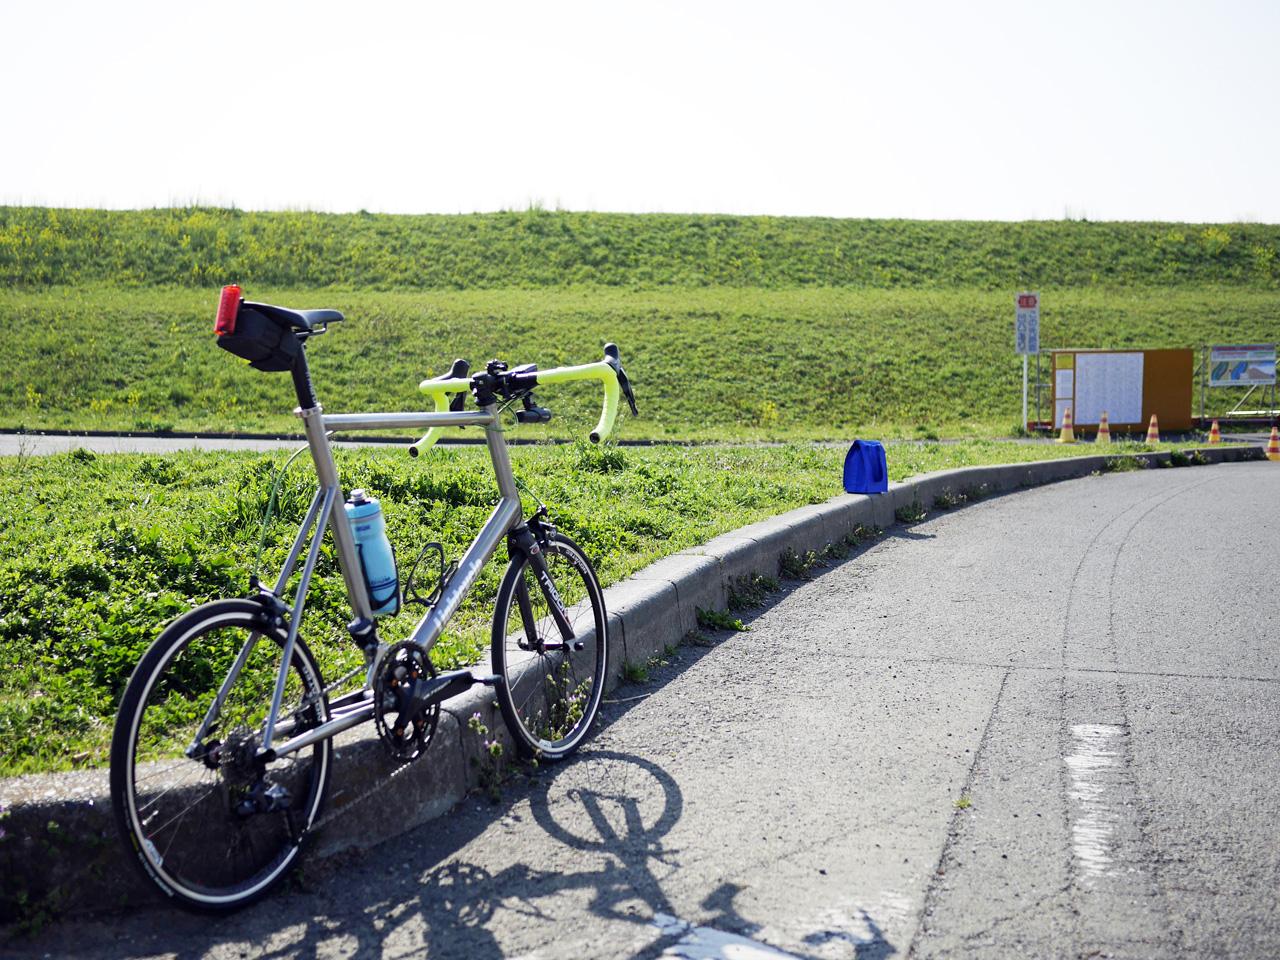 彩湖で チタンミニベロ LIGHTCYCLE Ti451 を停車して小休憩